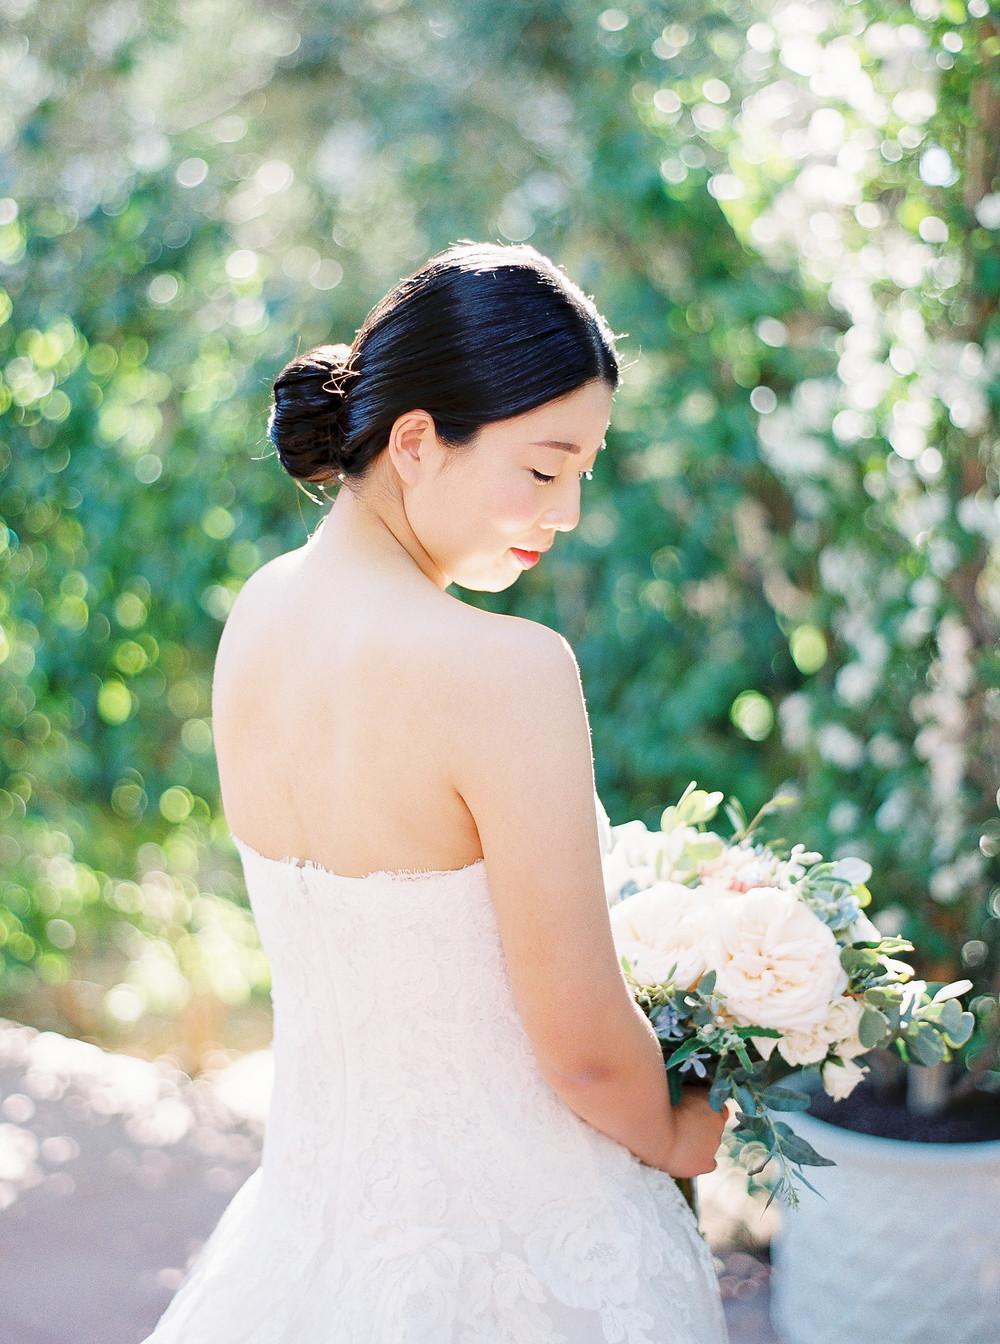 El Chorro Wedding, Traditional Chinese Wedding, Bride